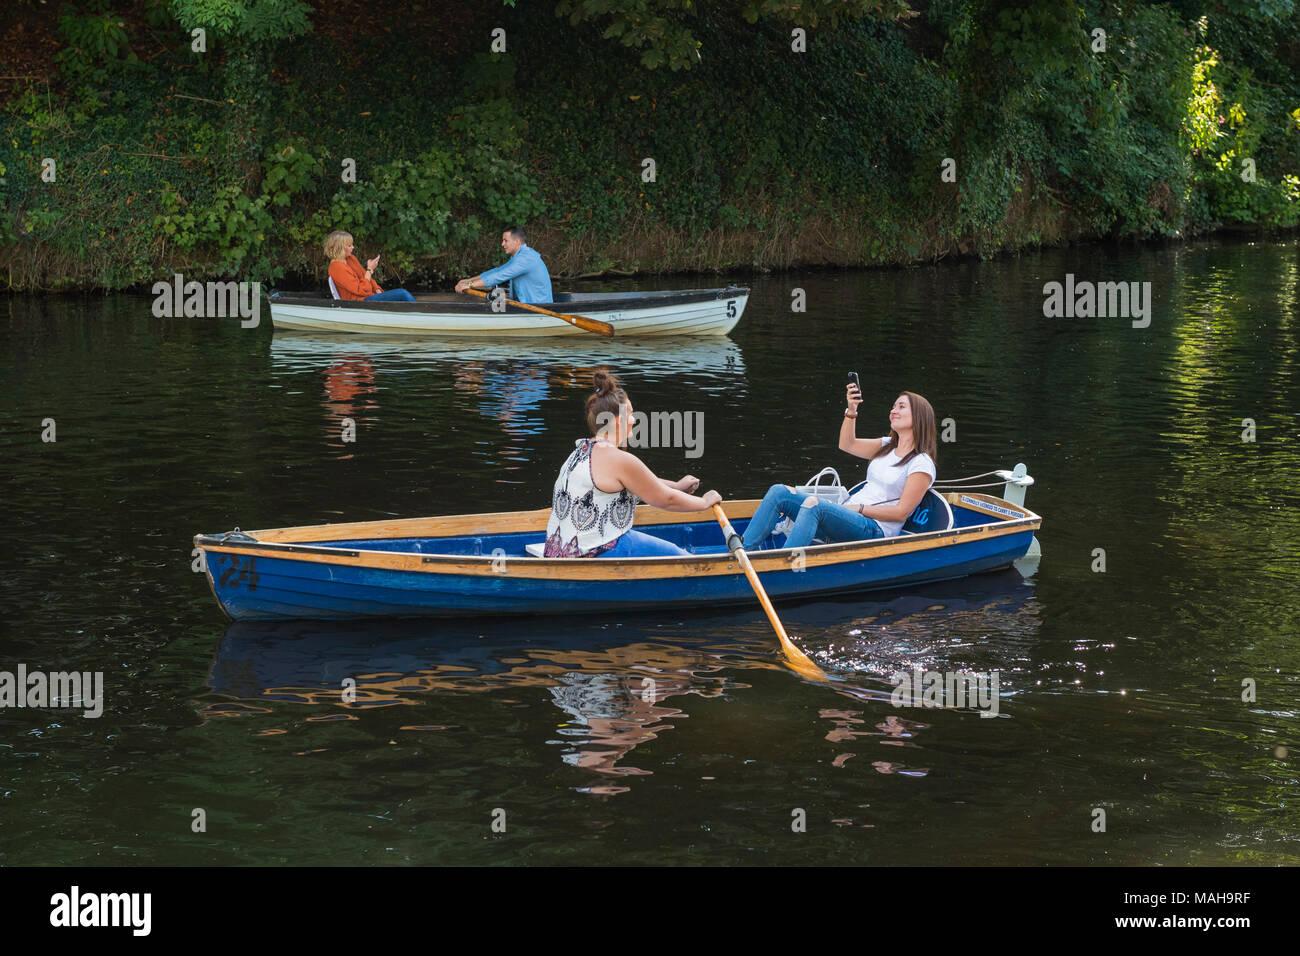 4 persone in barca, relax e divertimento in 2 barche a remi (1 giovane donna in barca è tenuto selfie) - Fiume Nidd in estate, Knaresborough, Inghilterra, Regno Unito. Immagini Stock